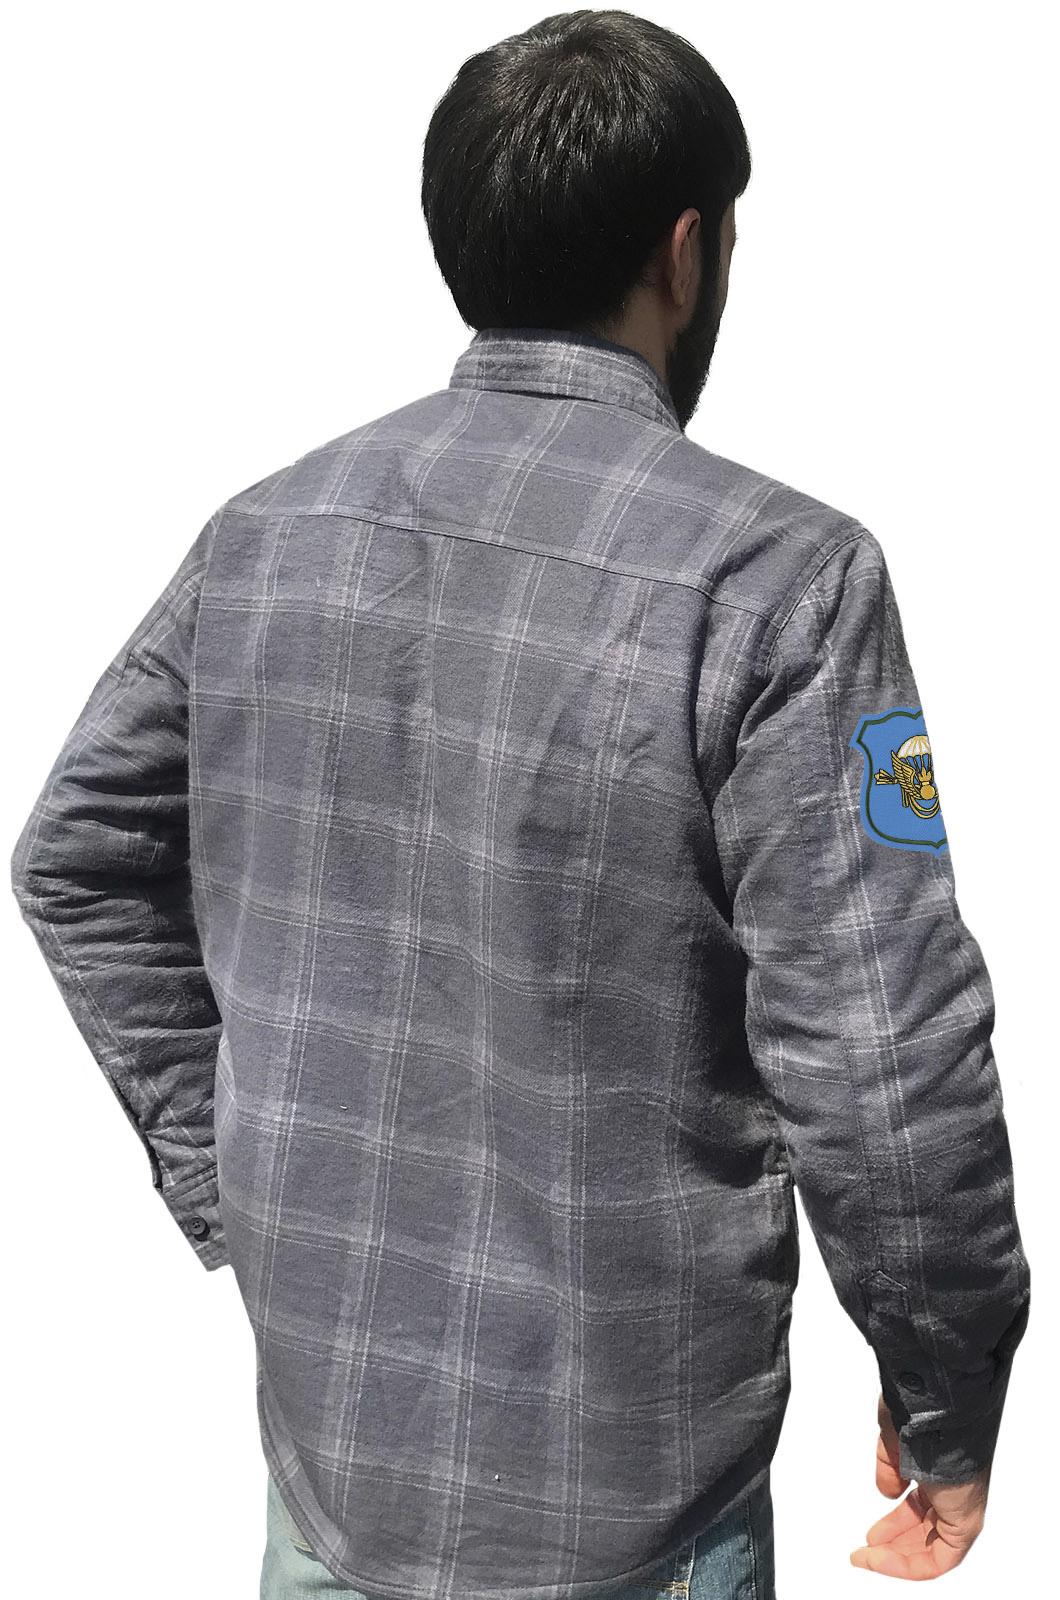 Купить стильную рубашку с вышитым шевроном Командования ВДВ с доставкой в любой город